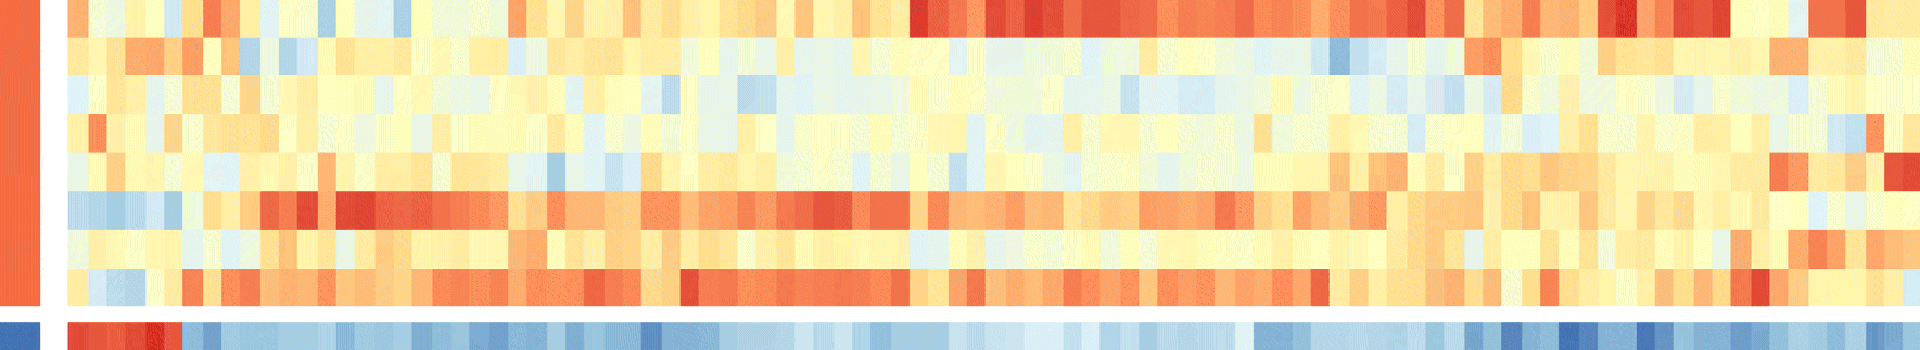 Heatmap Internal Banner